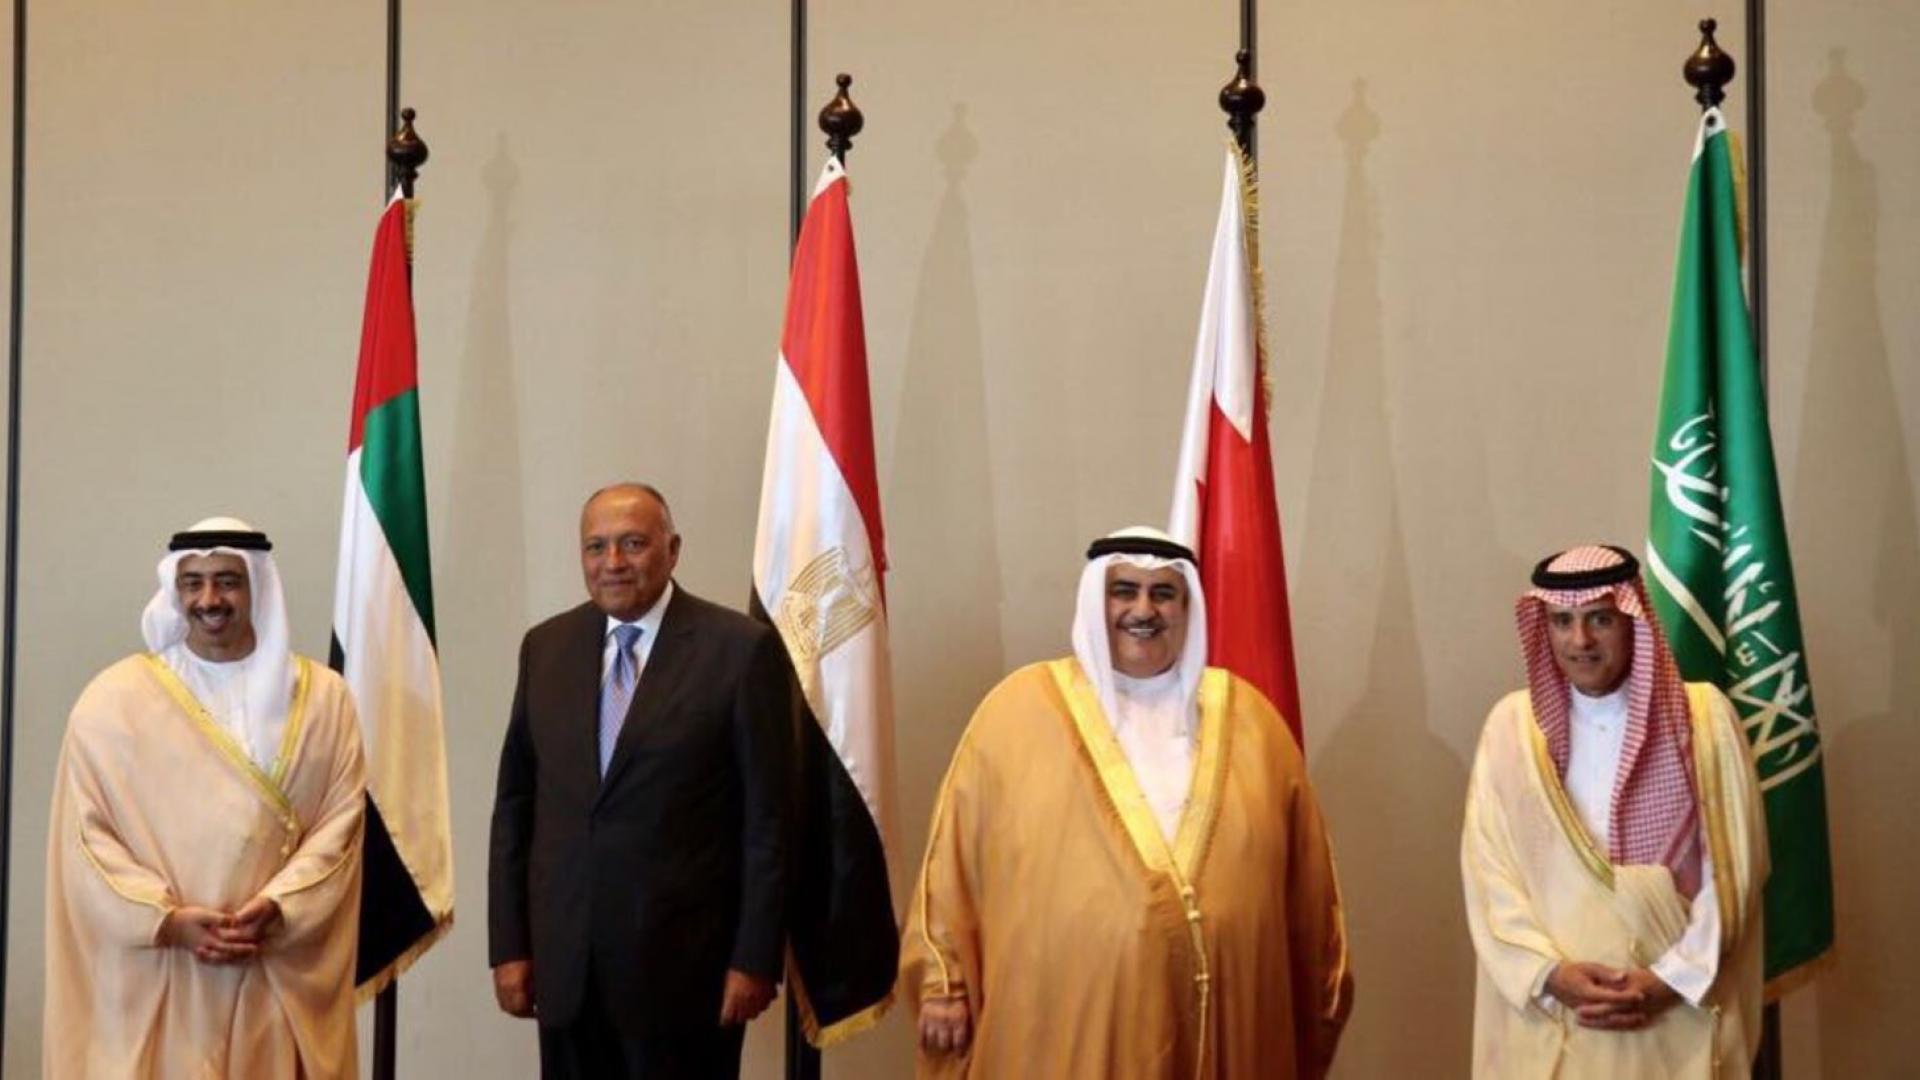 السعودية ومصر والإمارات والبحرين تستنكر